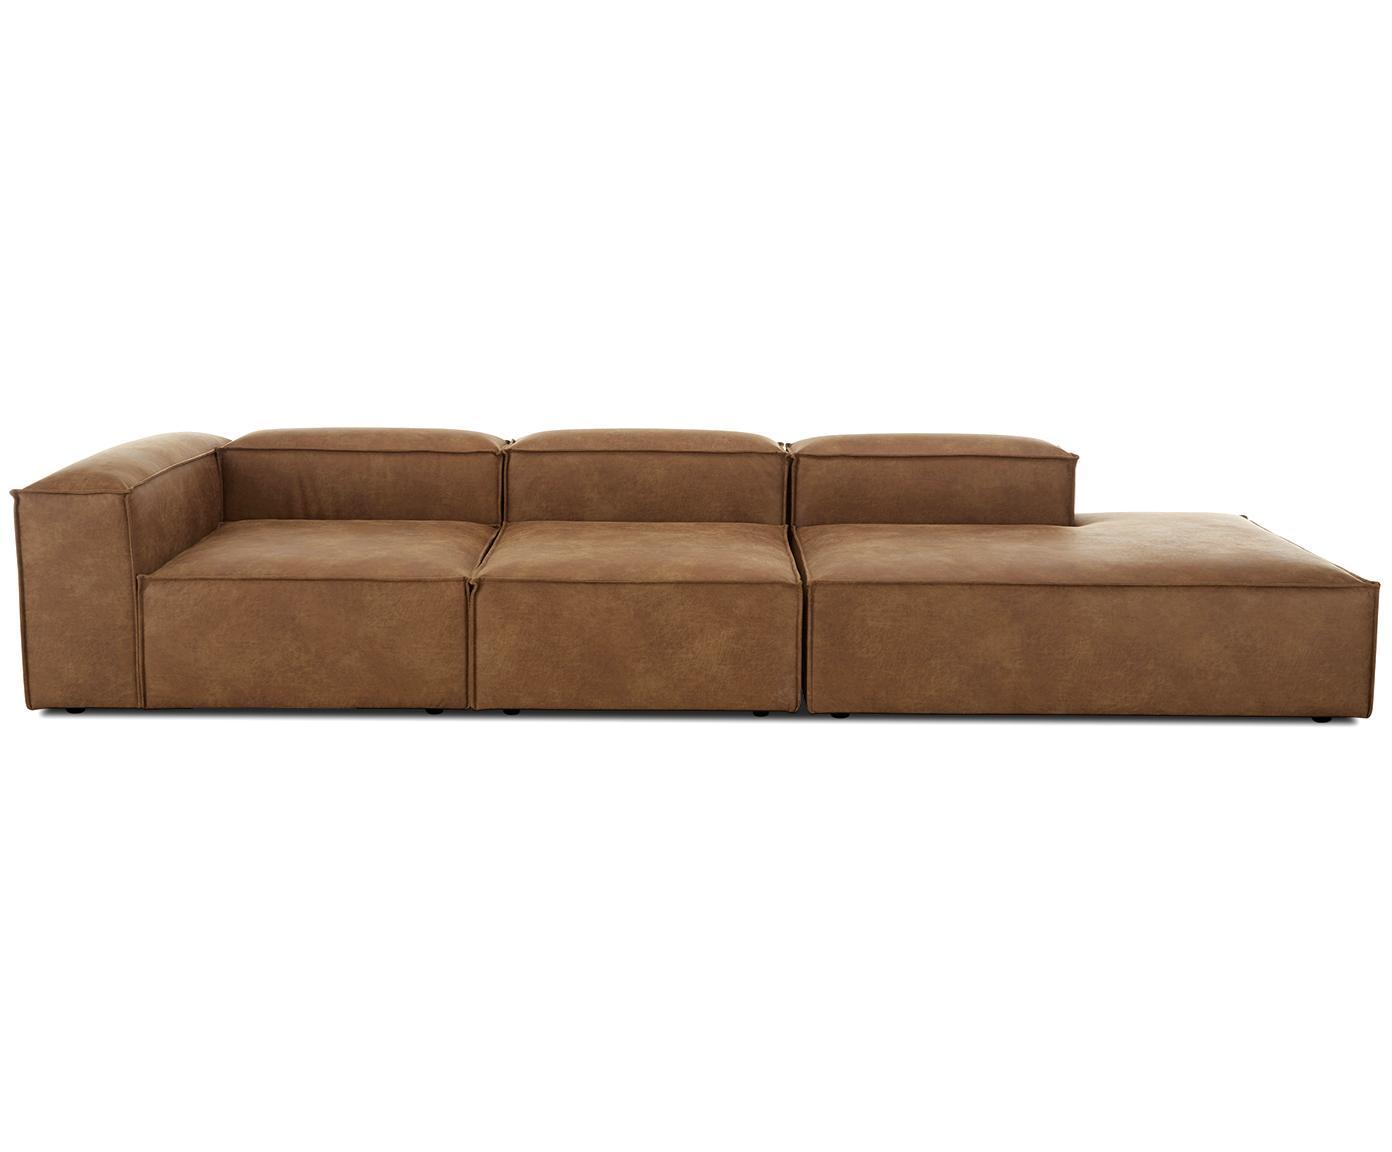 Modulaire leren XL chaise longue Lennon, Bekleding: 70% leer, 30% polyester, Frame: massief grenenhout, multi, Poten: kunststof, Bruin, B 357 x D 119 cm